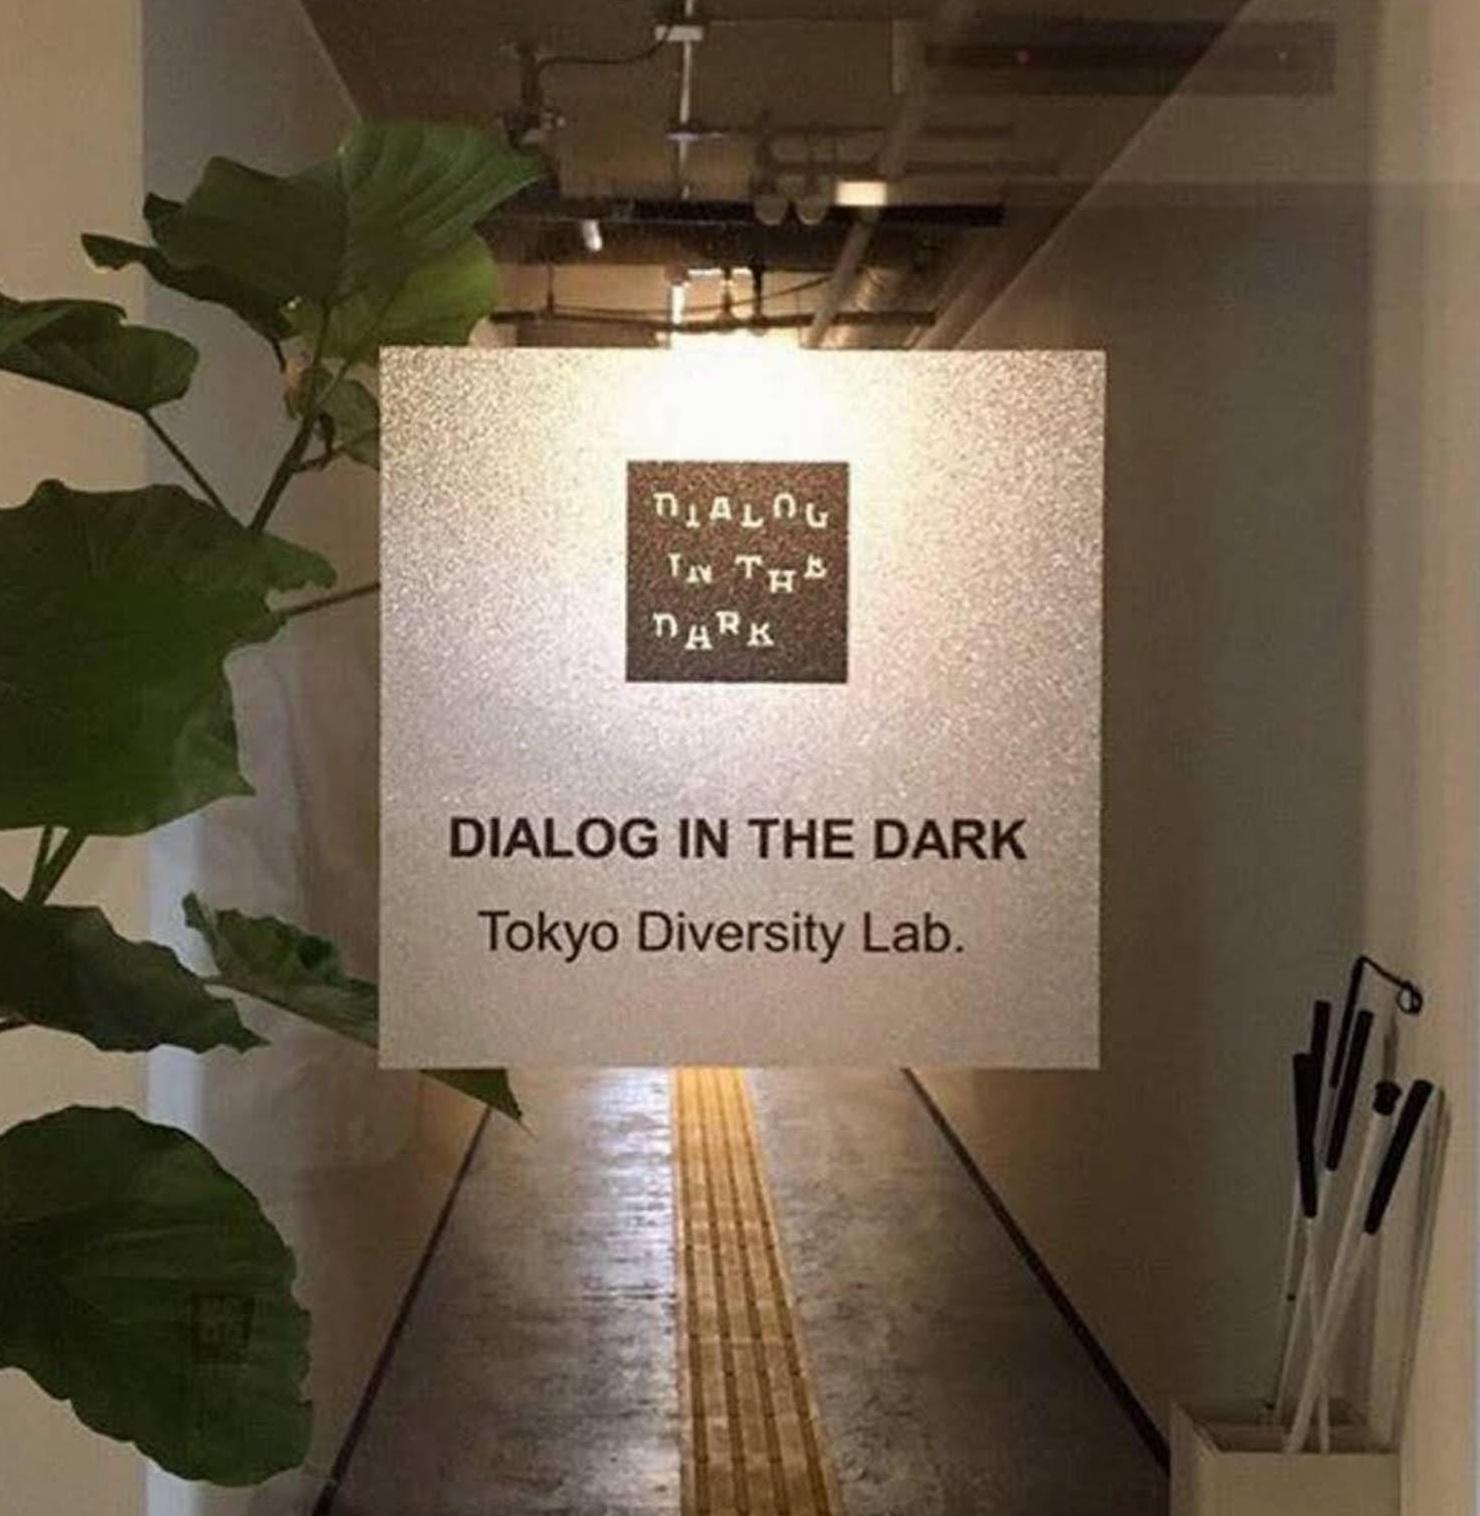 ダイアログ・イン・ザ・ダーク Tokyo Diversity Lab.